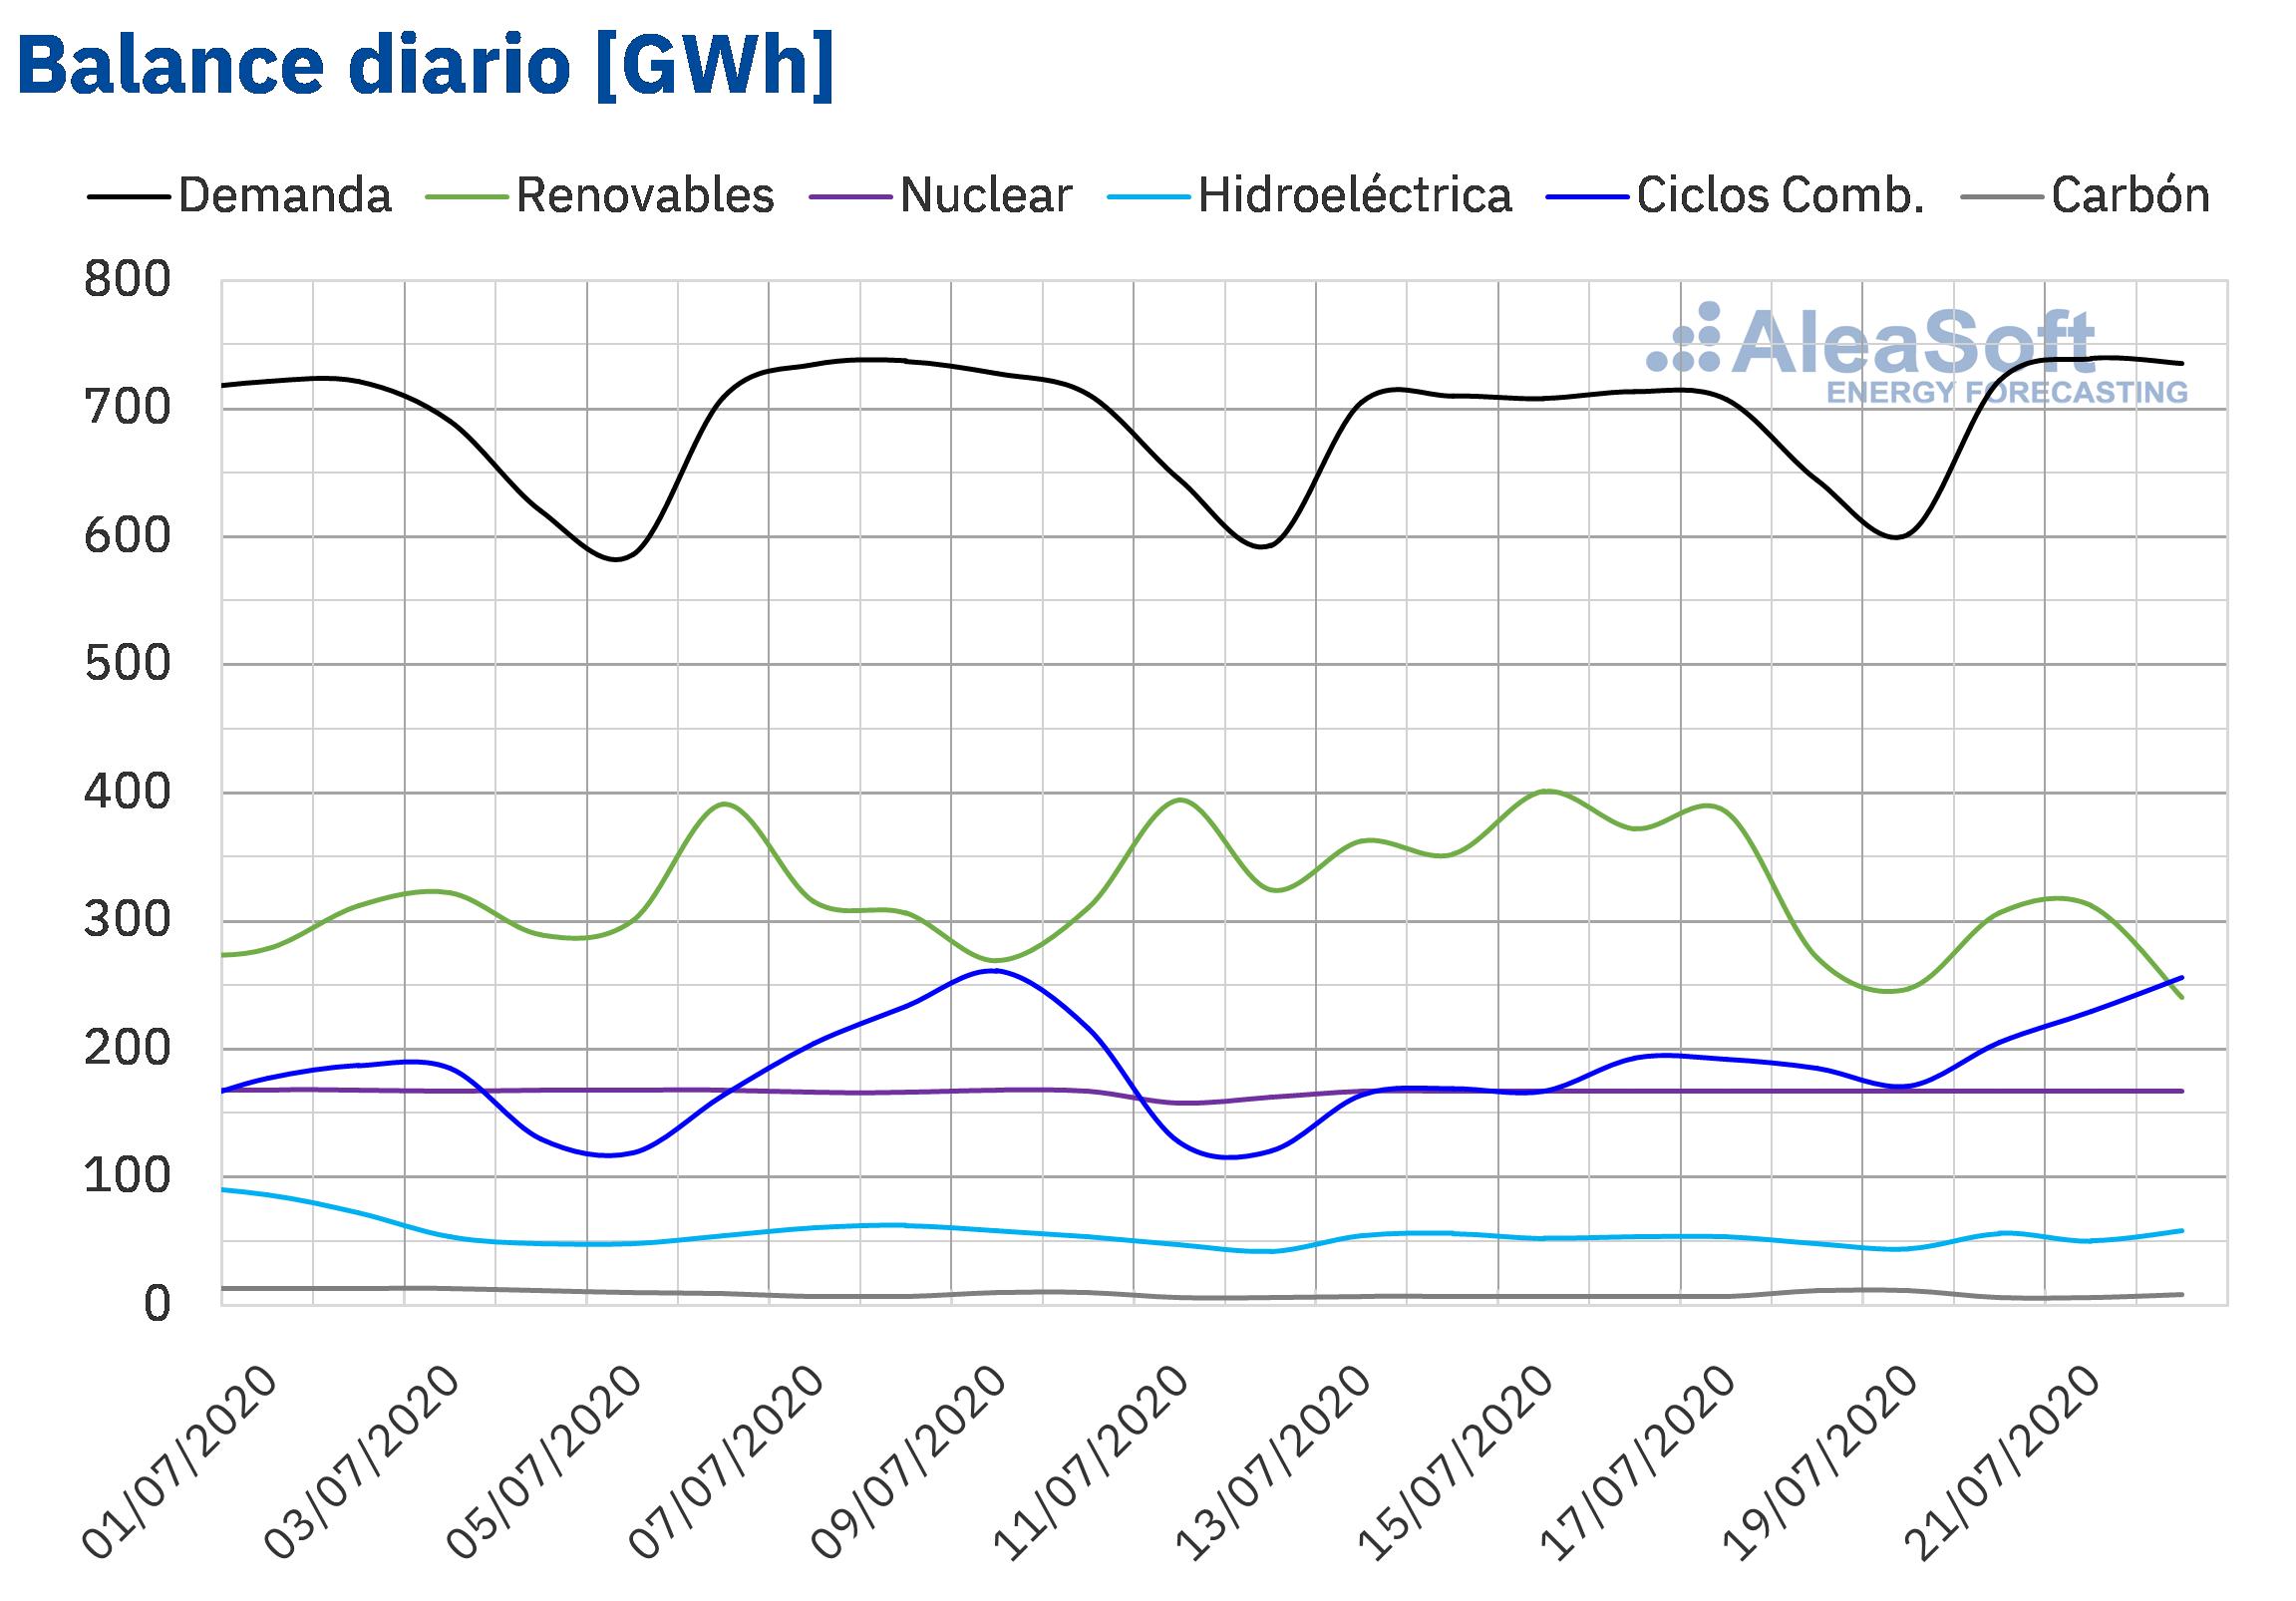 AleaSoft - Balance diario electricidad Espana Demanda Produccion